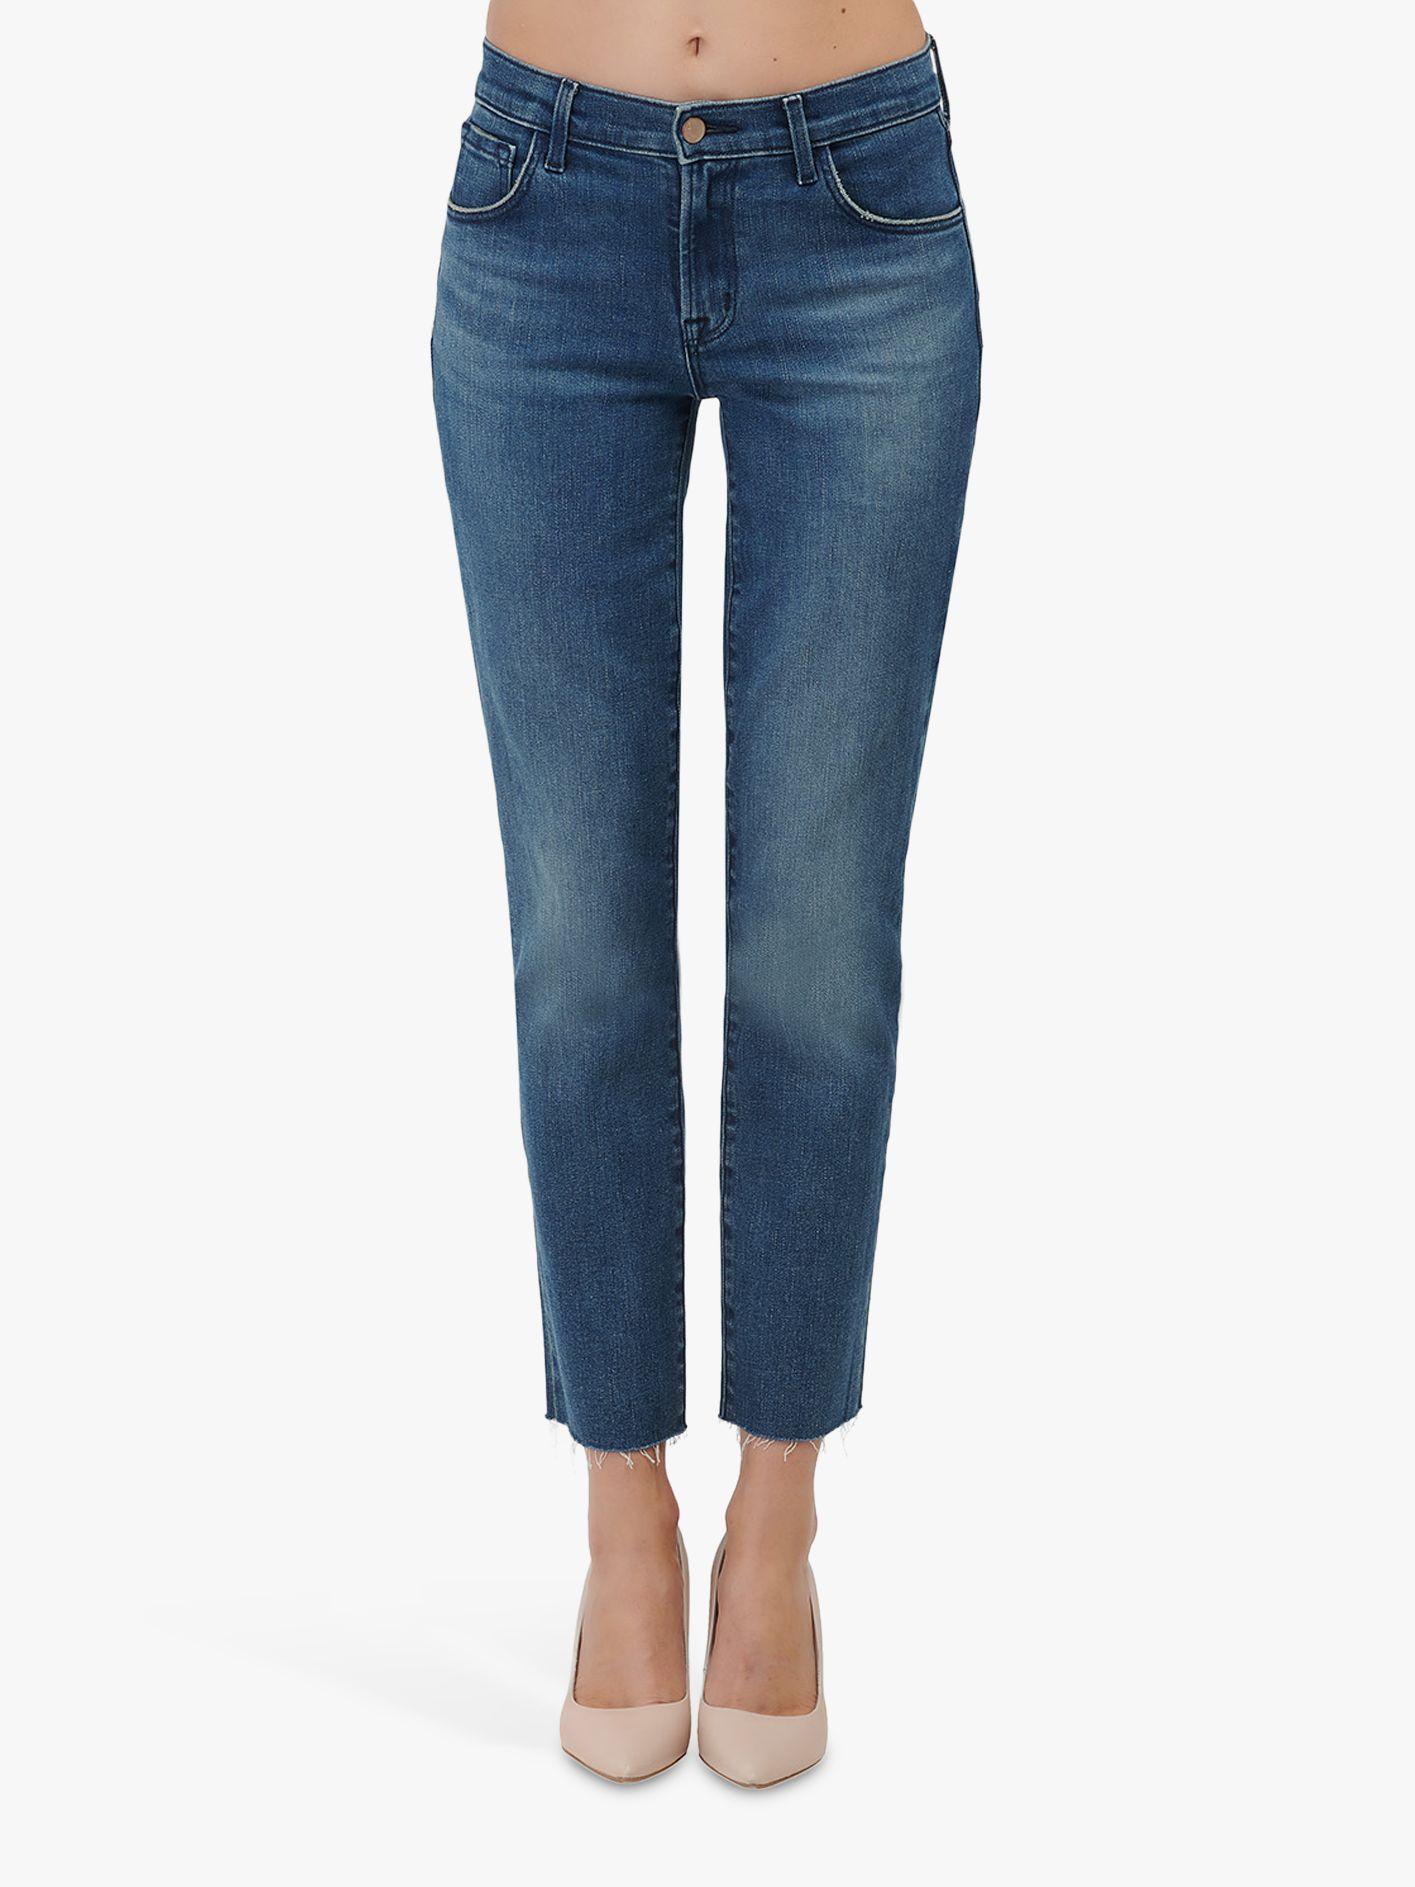 J Brand J Brand Adele Mid Rise Straight Leg Jeans, Sorority Raze